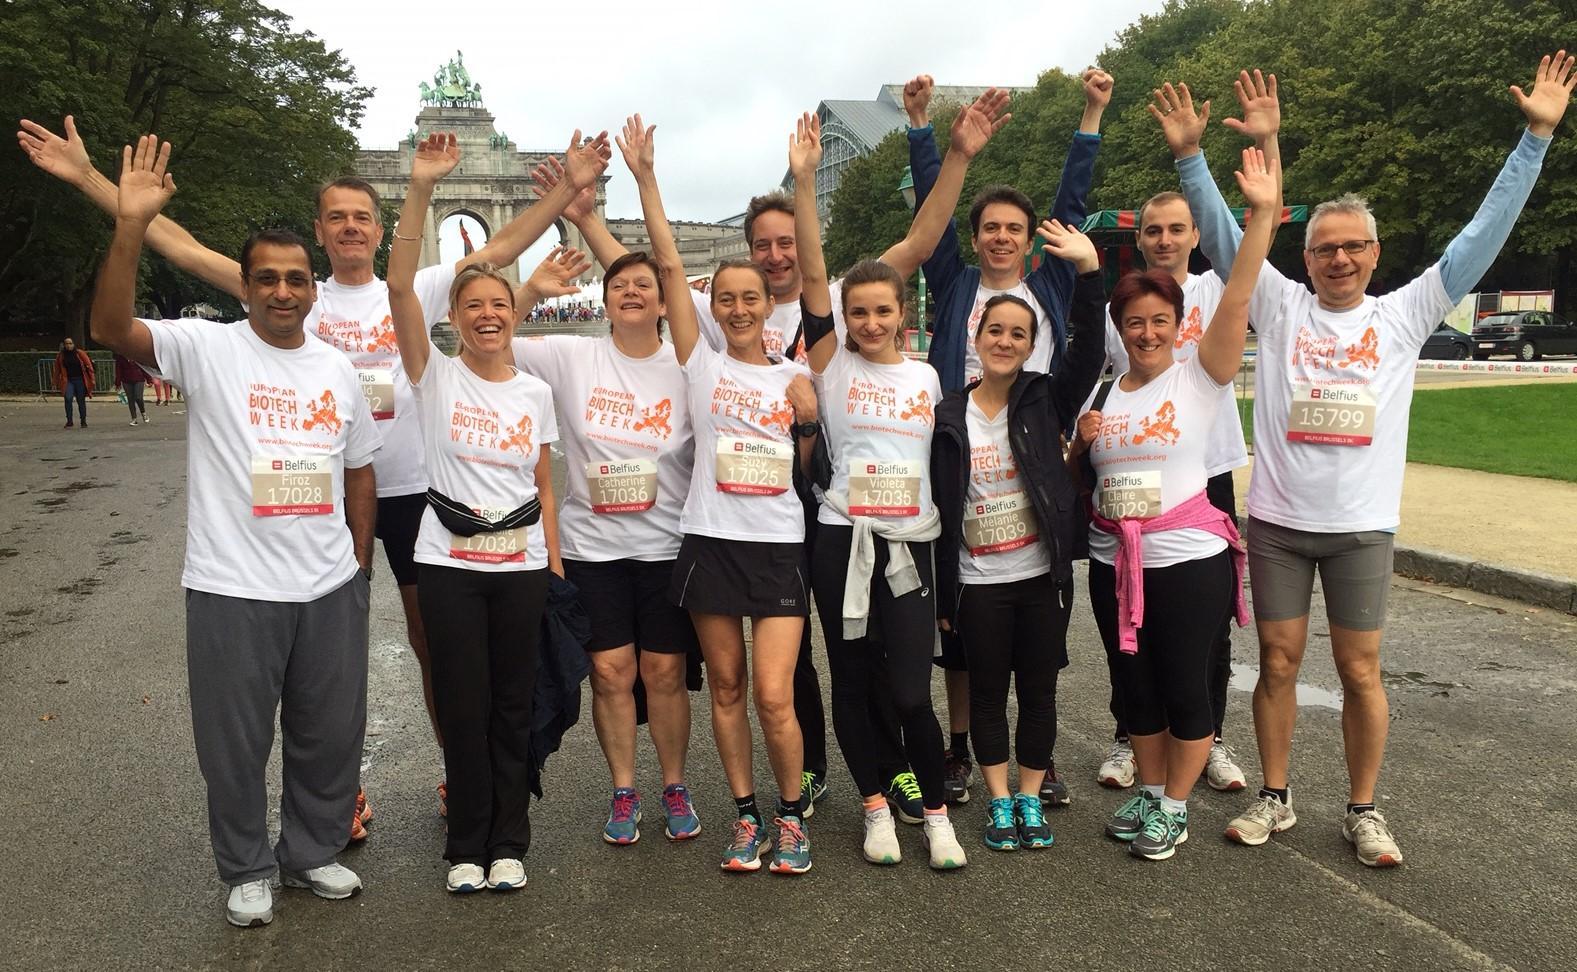 Belgium_#run4biotech